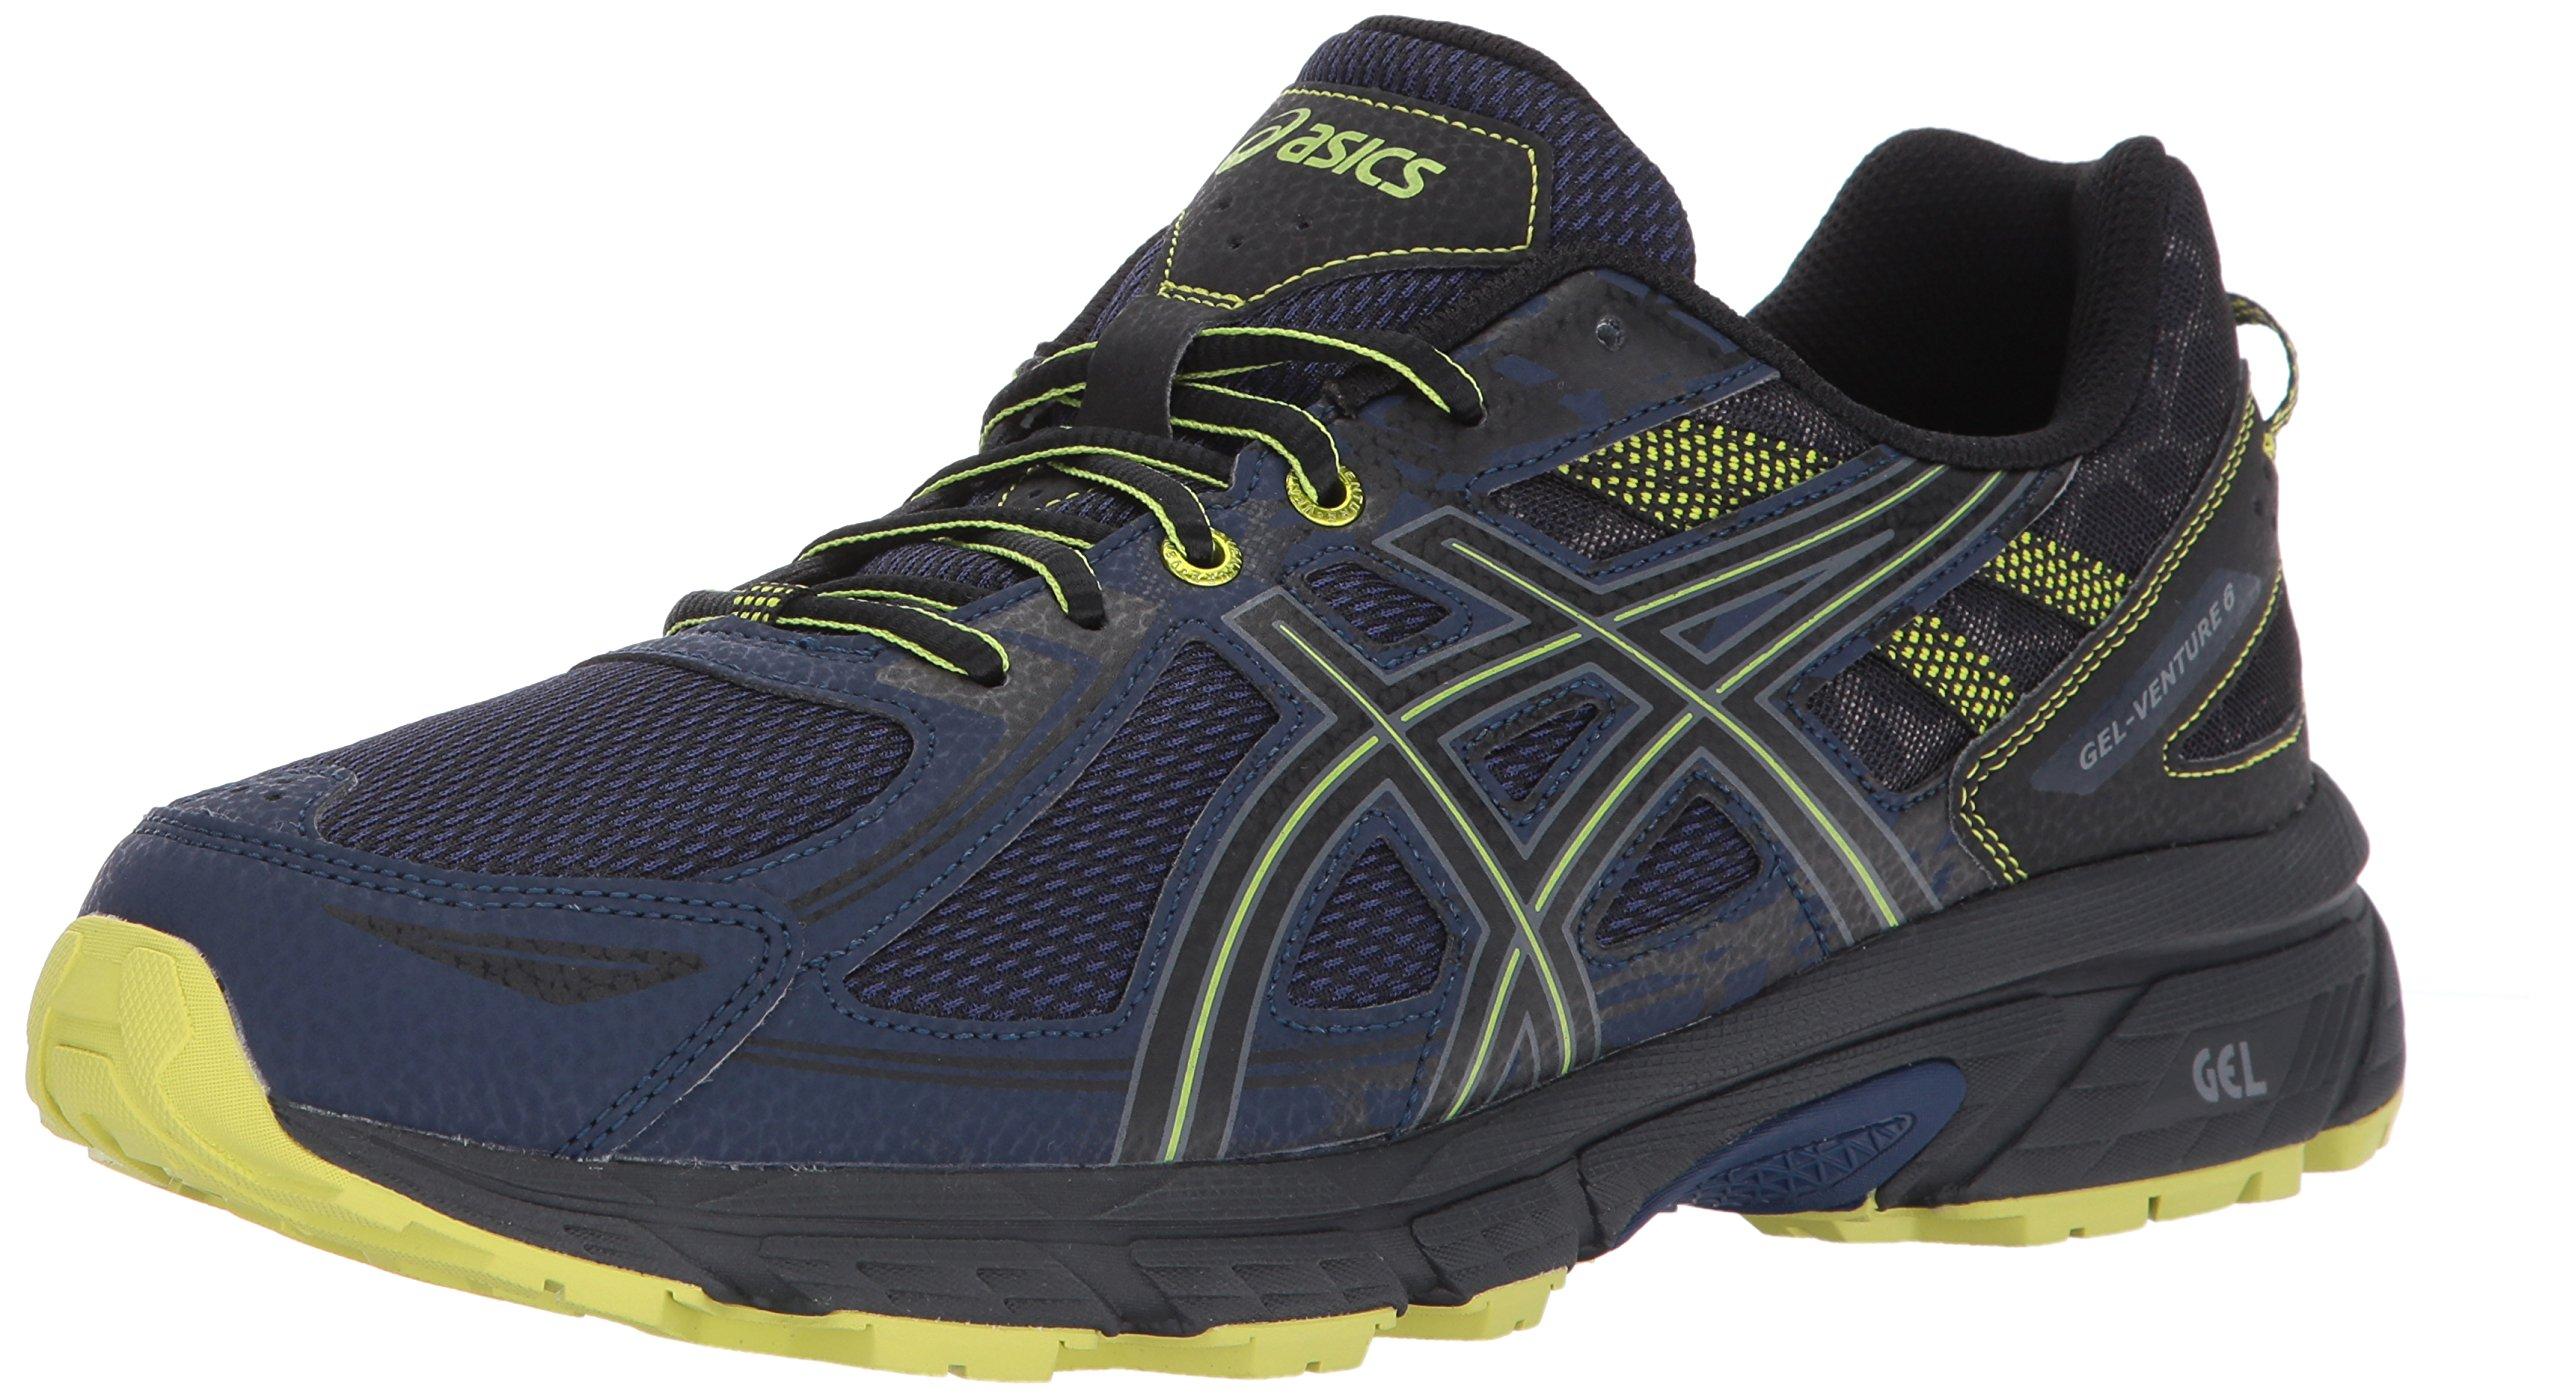 ASICS Mens Gel-Venture 6 Running Shoe, Indigo Blue/Black/Energy Green, 11.5 4E US by ASICS